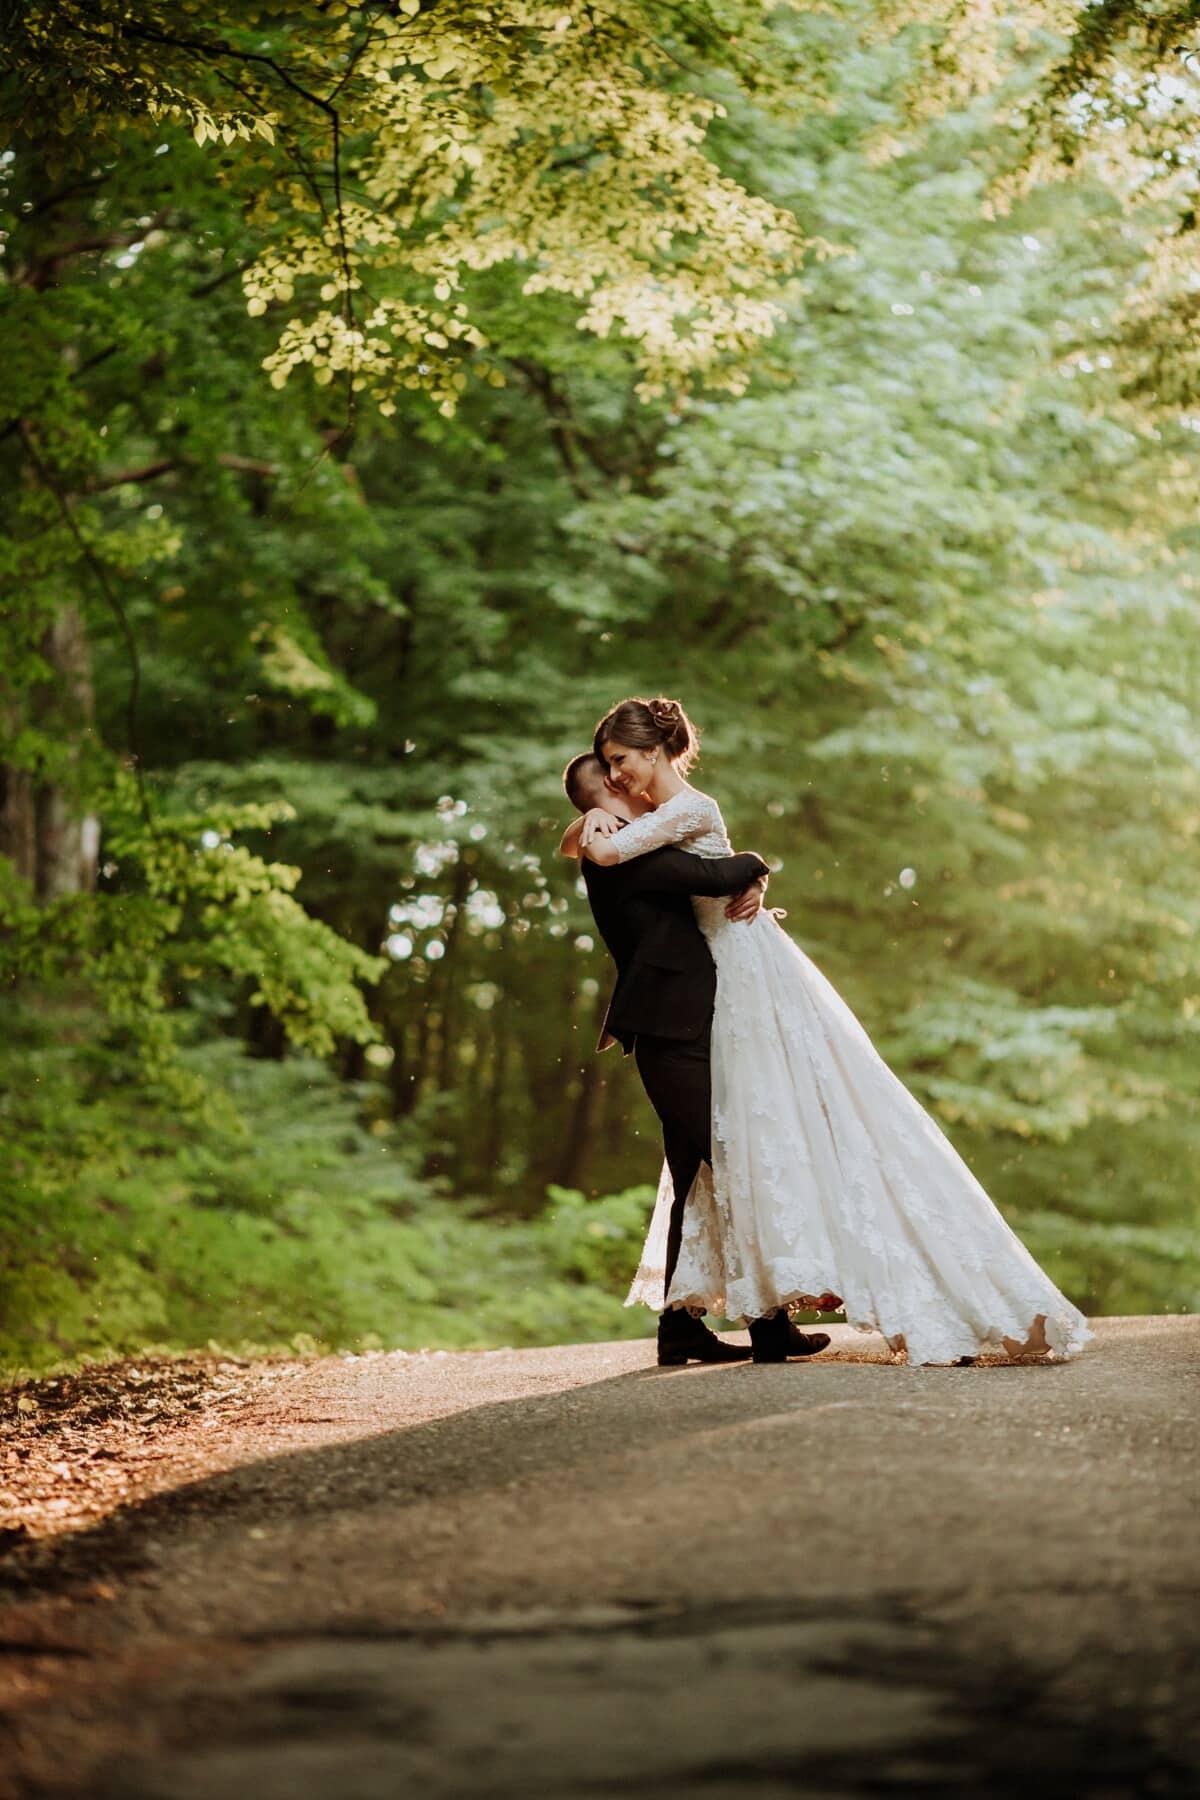 la mariée, route forestière, jeune marié, étreindre, mariage, couple, robe, marié, mariage, amour